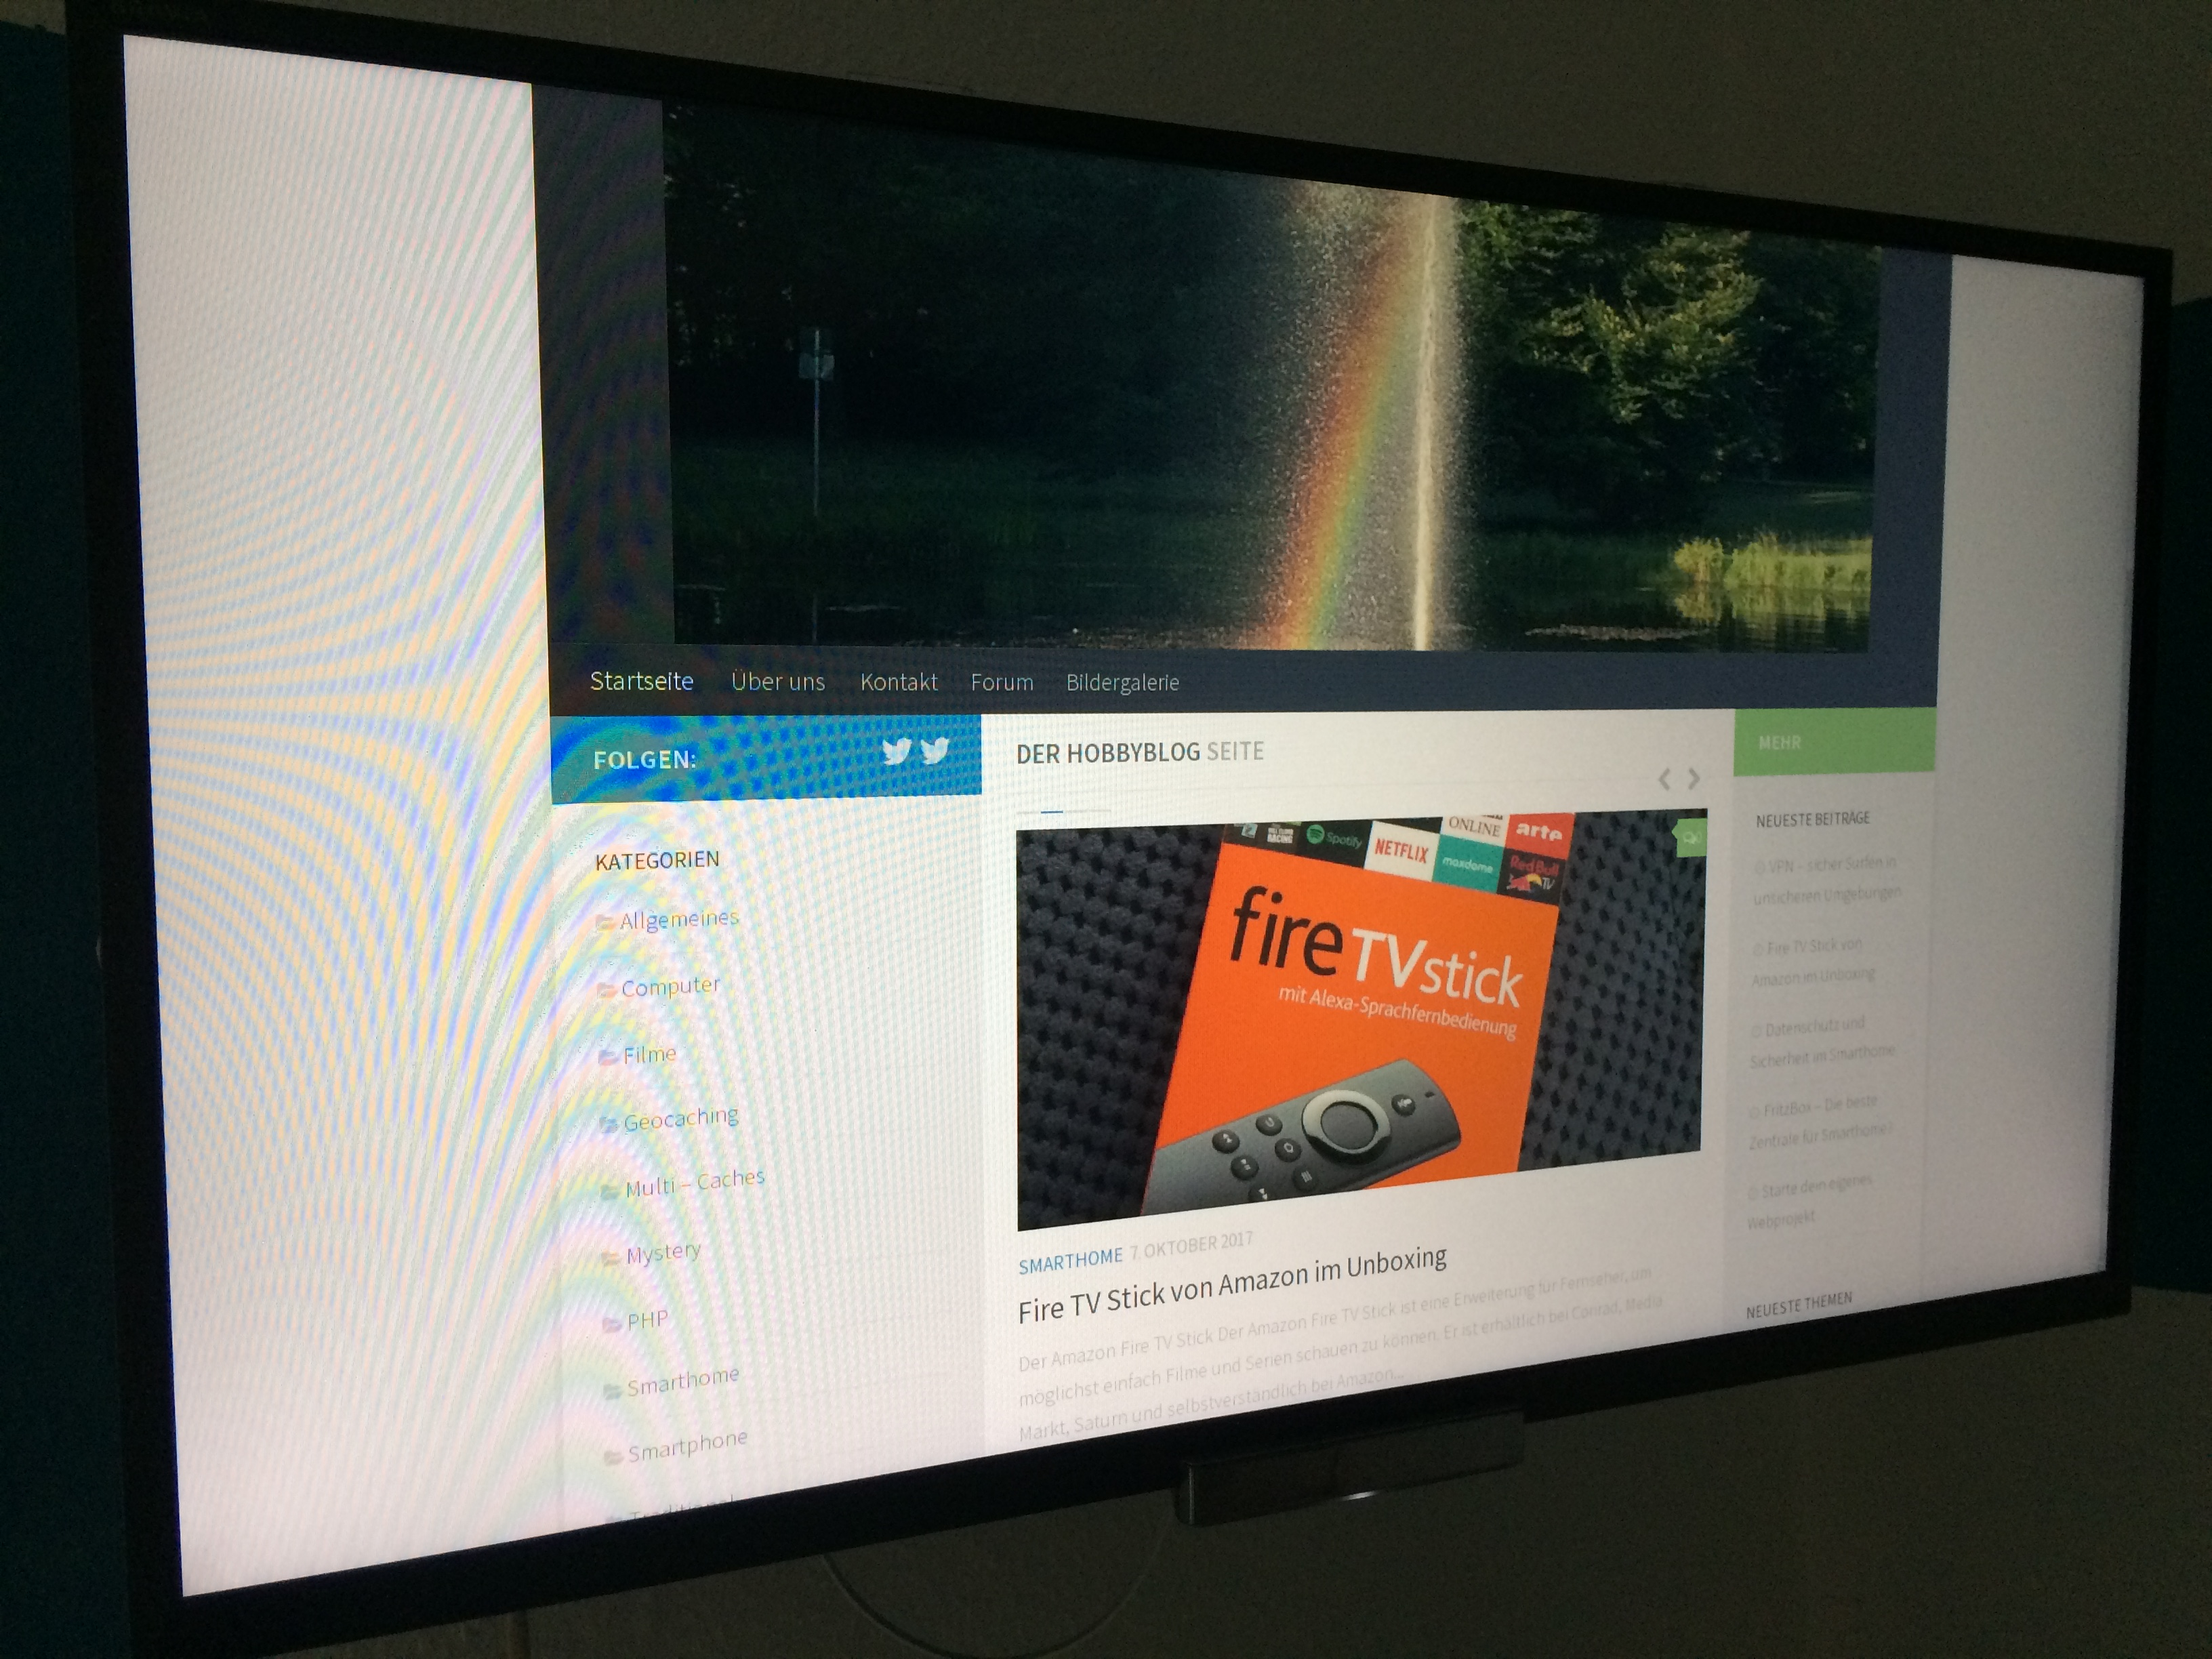 Smart TV Sony Bravia